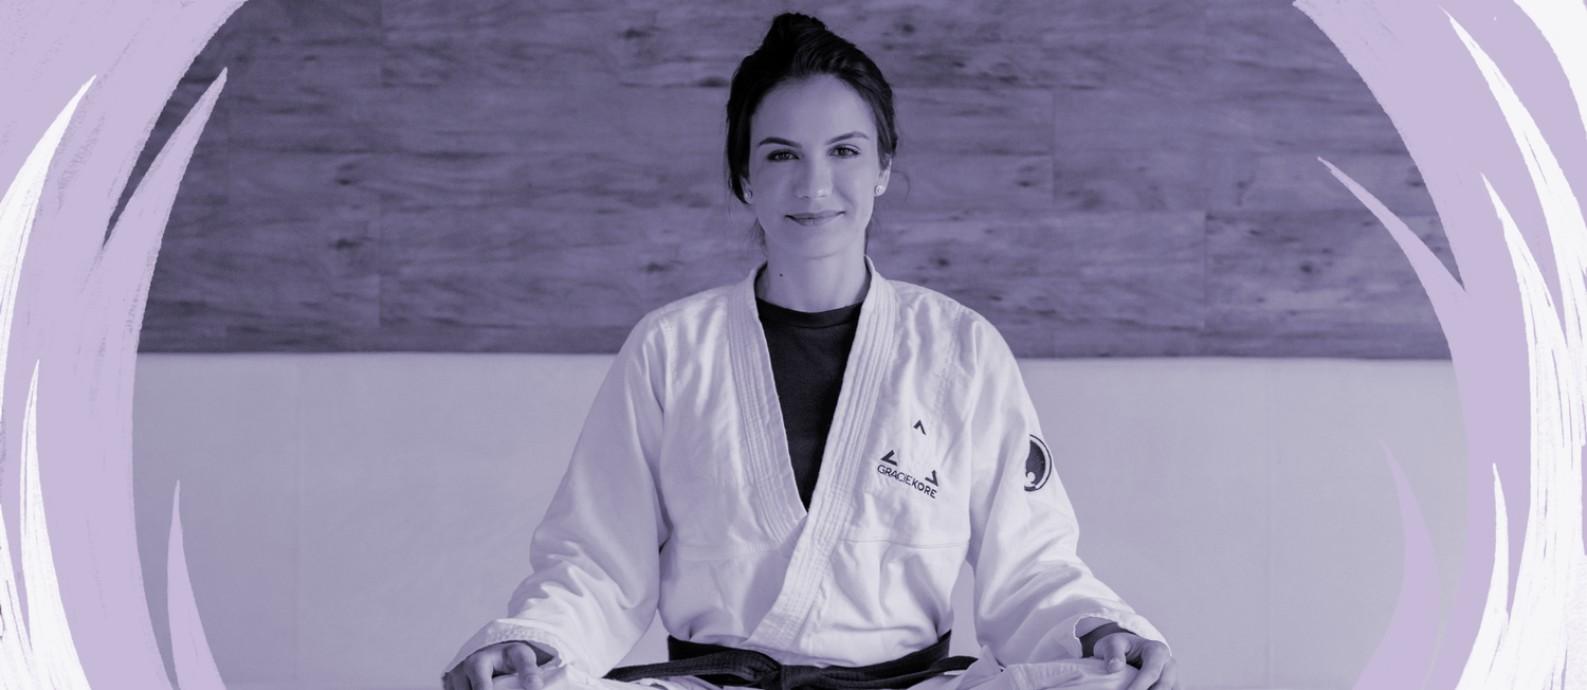 A empresária e pentacampeã mundial de jiu-jitsu Kyra Gracie, de 35 anos, desenvolveu um curso online sobre defesa pessoal feminina Foto: Robert Carraco